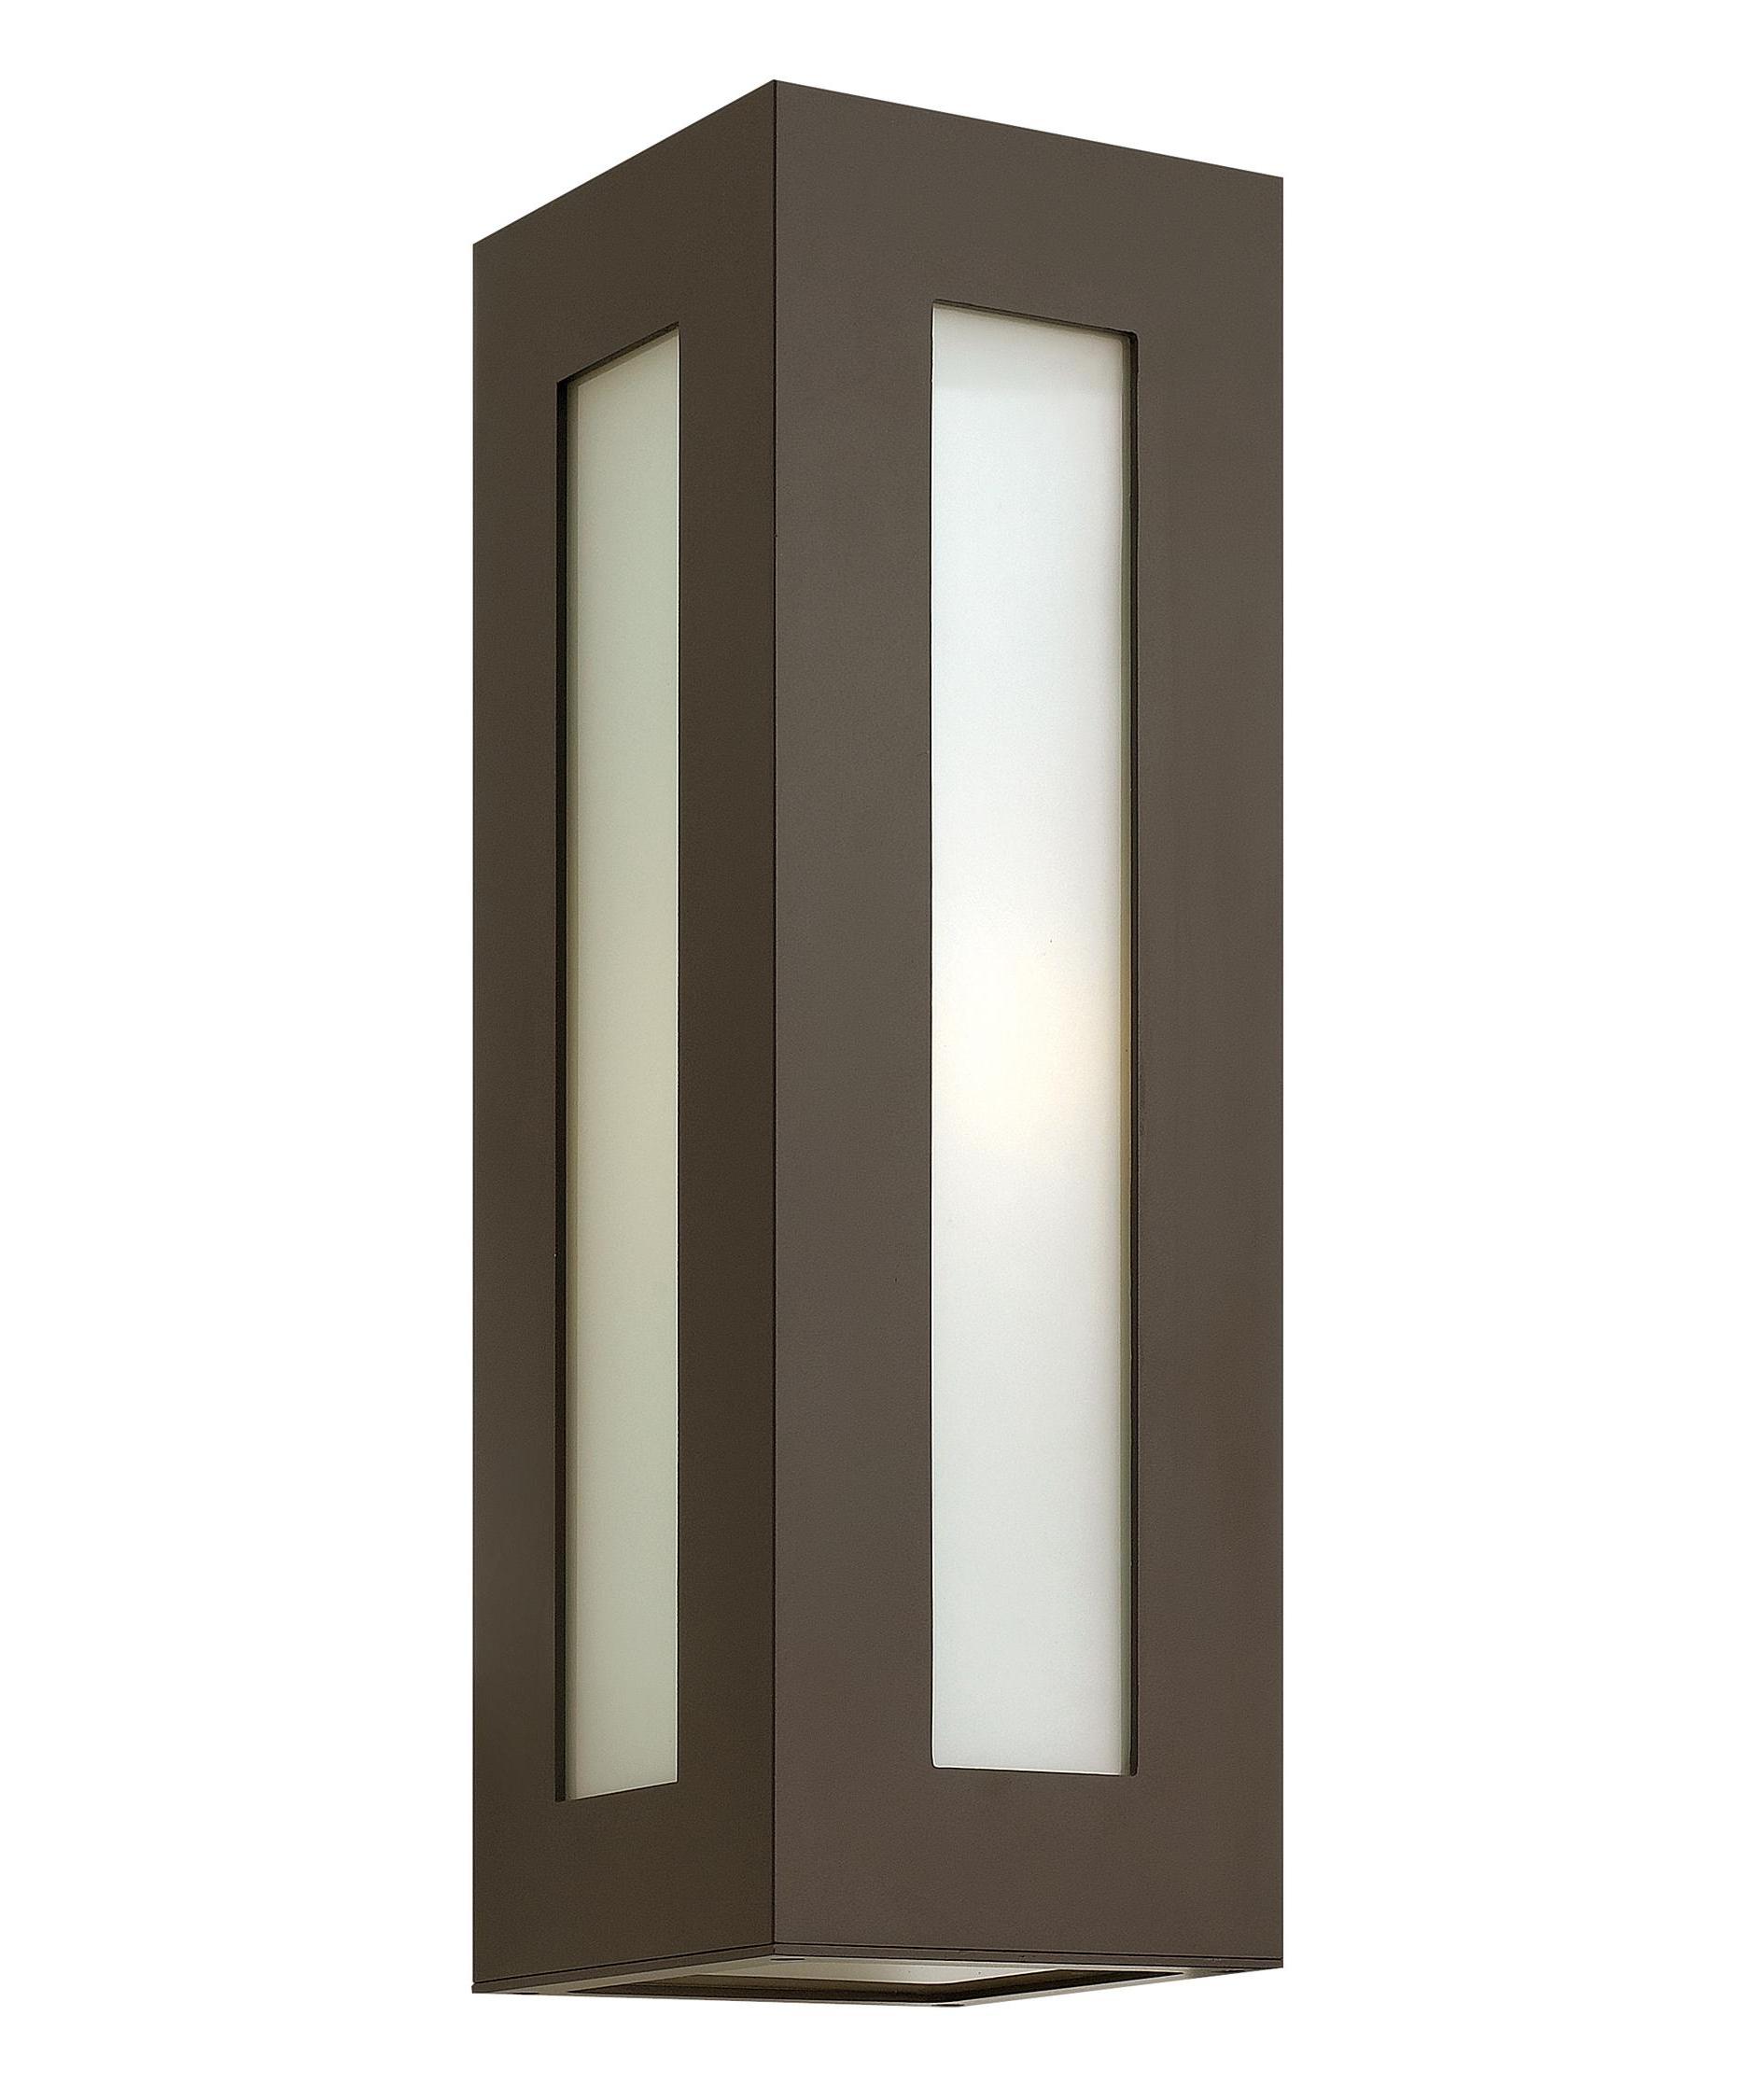 Modern Led Hinkley Lighting Regarding Preferred Hinkley Lighting 2194 Dorian 6 Inch Wide 1 Light Outdoor Wall Light (View 12 of 20)